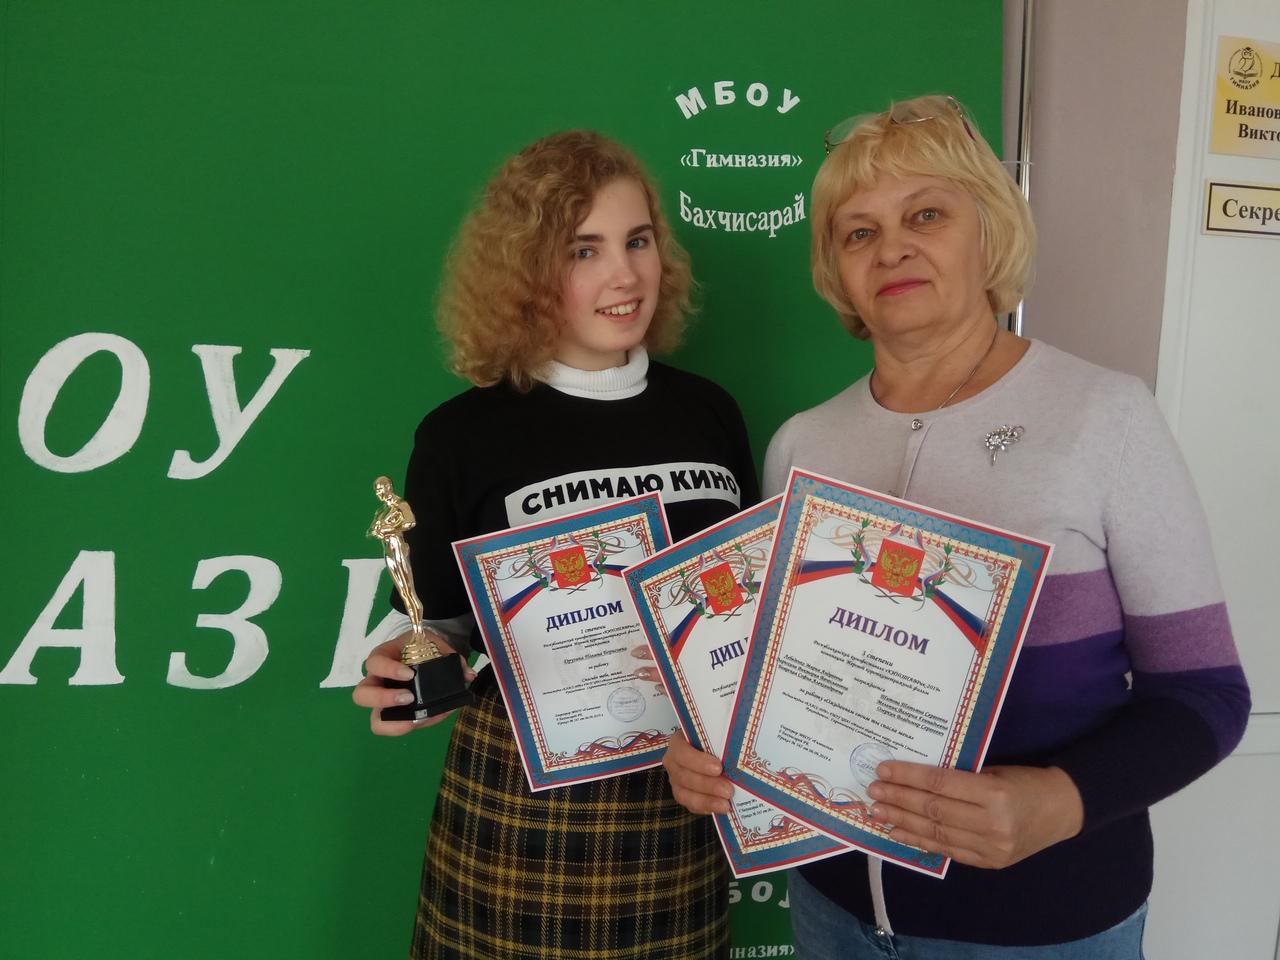 Севастопольцы заняли три призовых места на детском фестивале «КИНОТАВРик-2019»